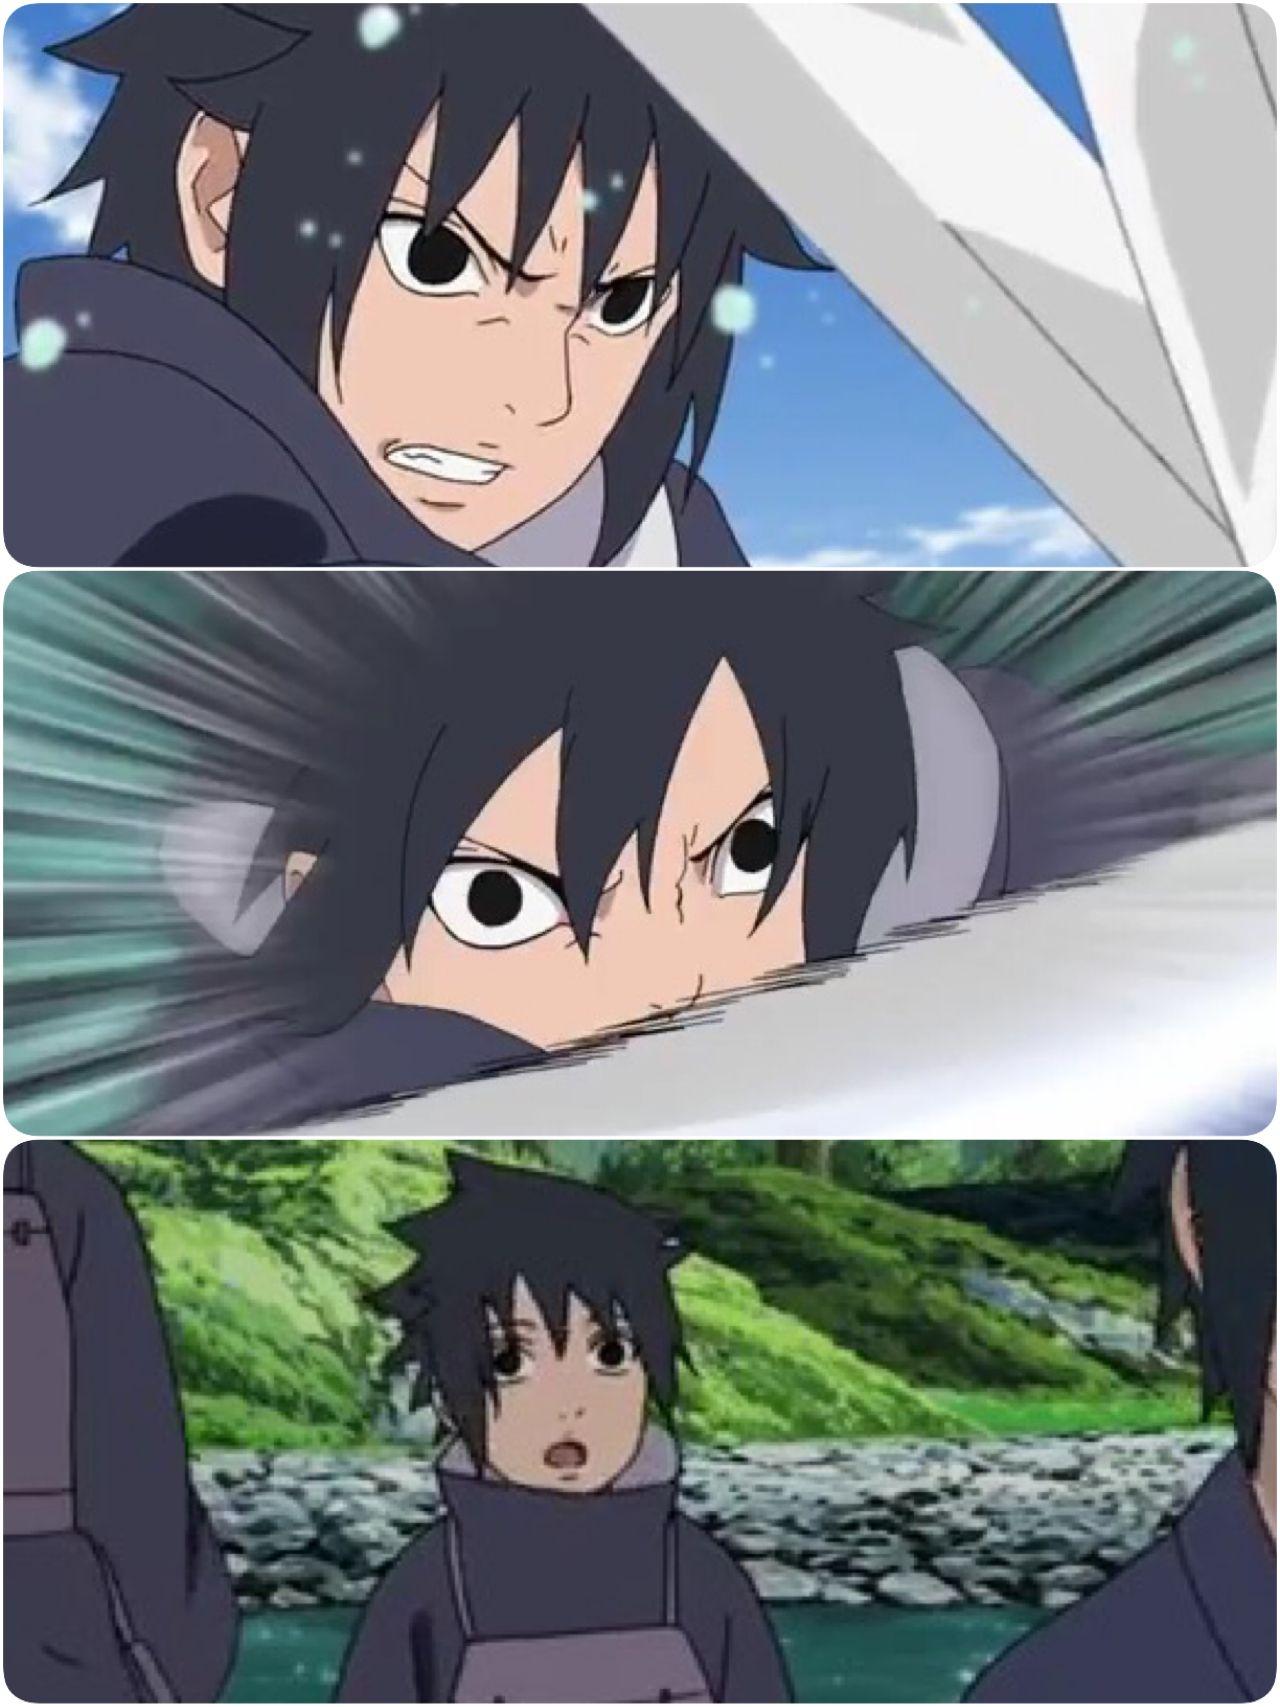 Uchiha Izuna | Uchiha Izuna | Naruto, Naruto shippuden, Sasuke